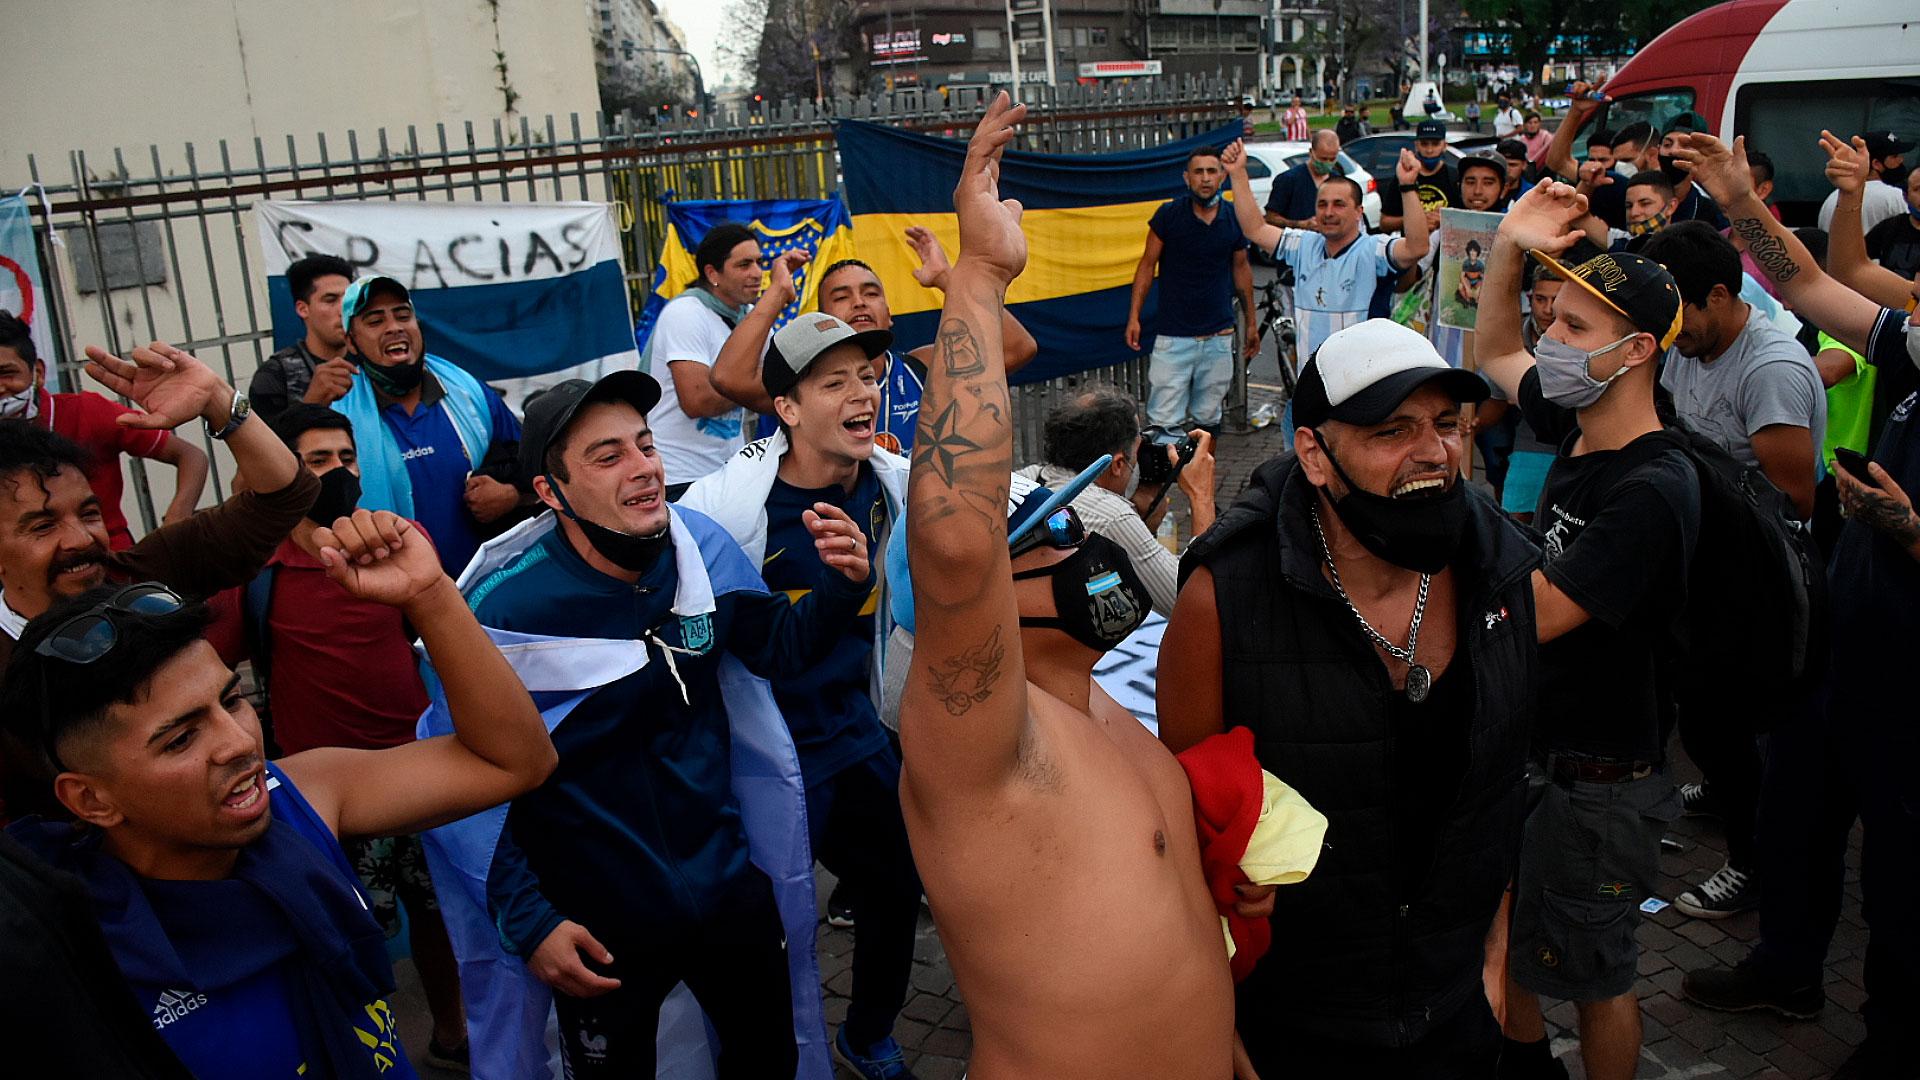 Otra imagen de la multitud en el Obelisco (Nicolás Stulberg)